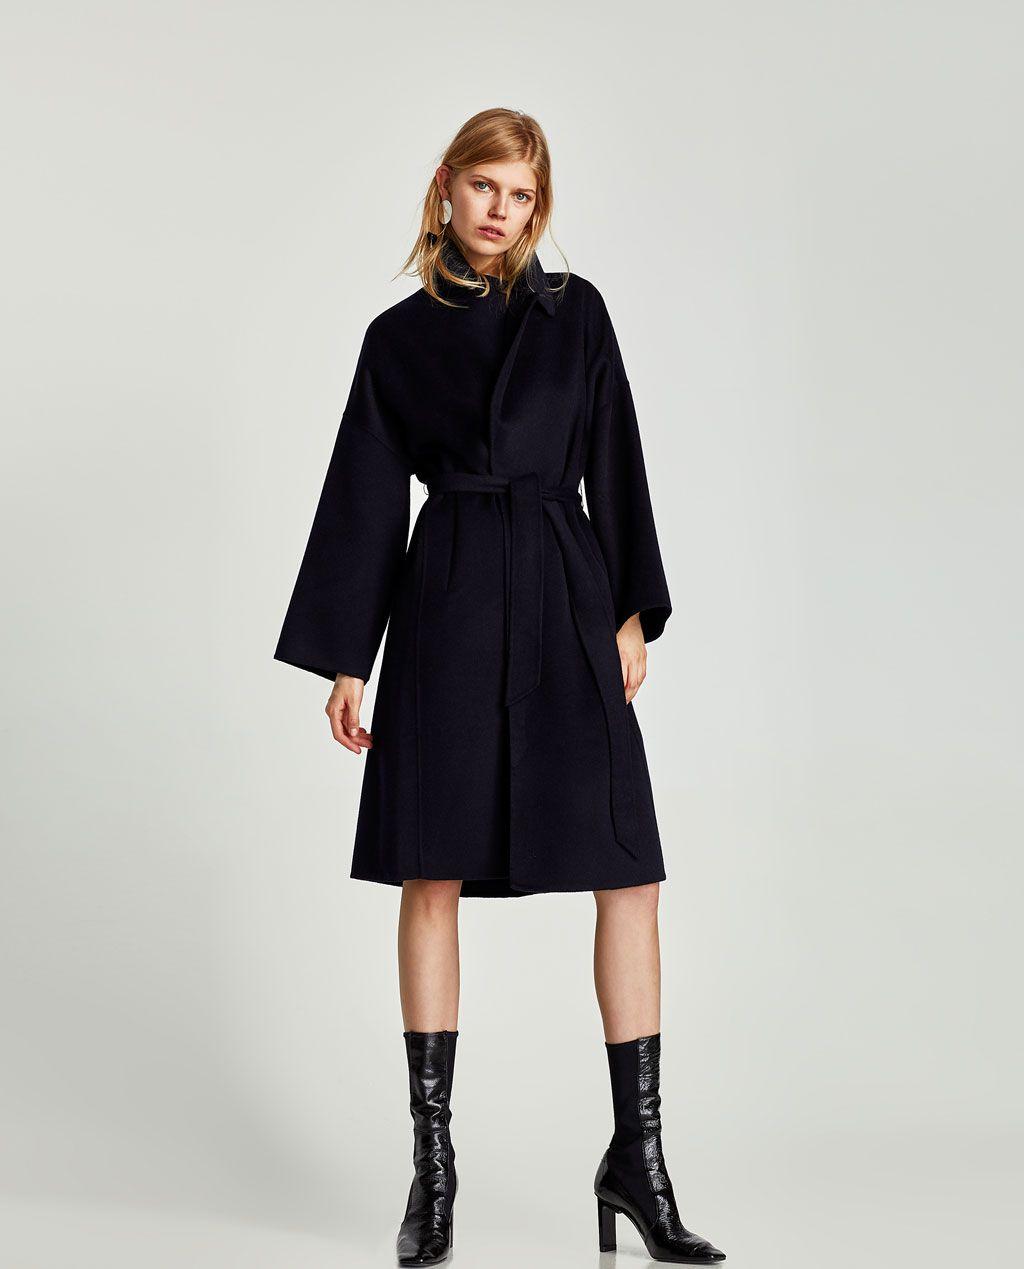 ec61eed59cbf6 Manteaux pour femme. LONG WOOL COAT WITH BELT-Coats-OUTERWEAR-WOMAN   ZARA  Denmark